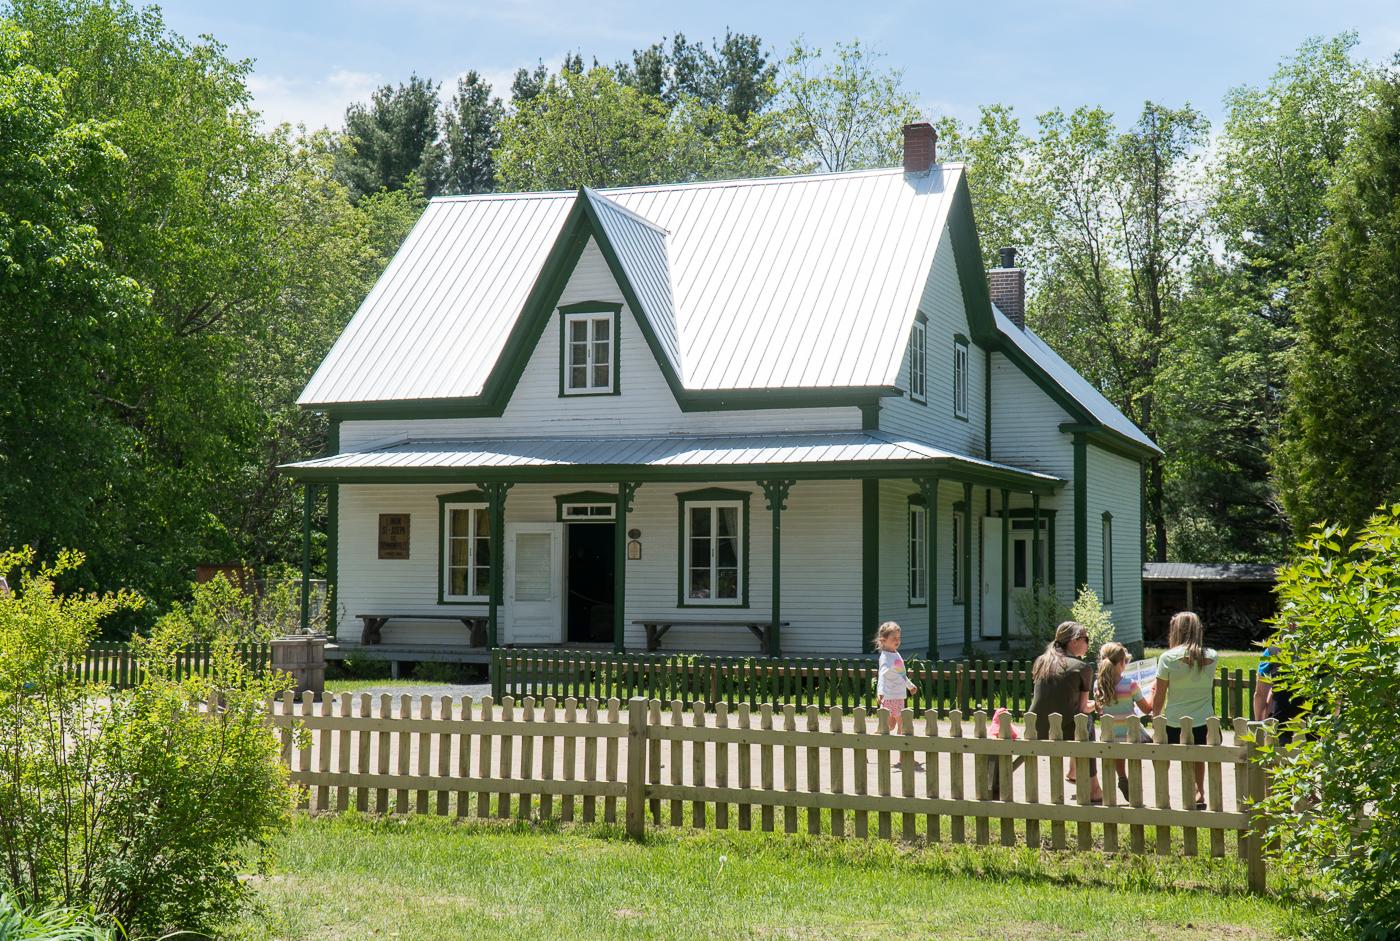 Maison ancestrale au village québécois d'antan